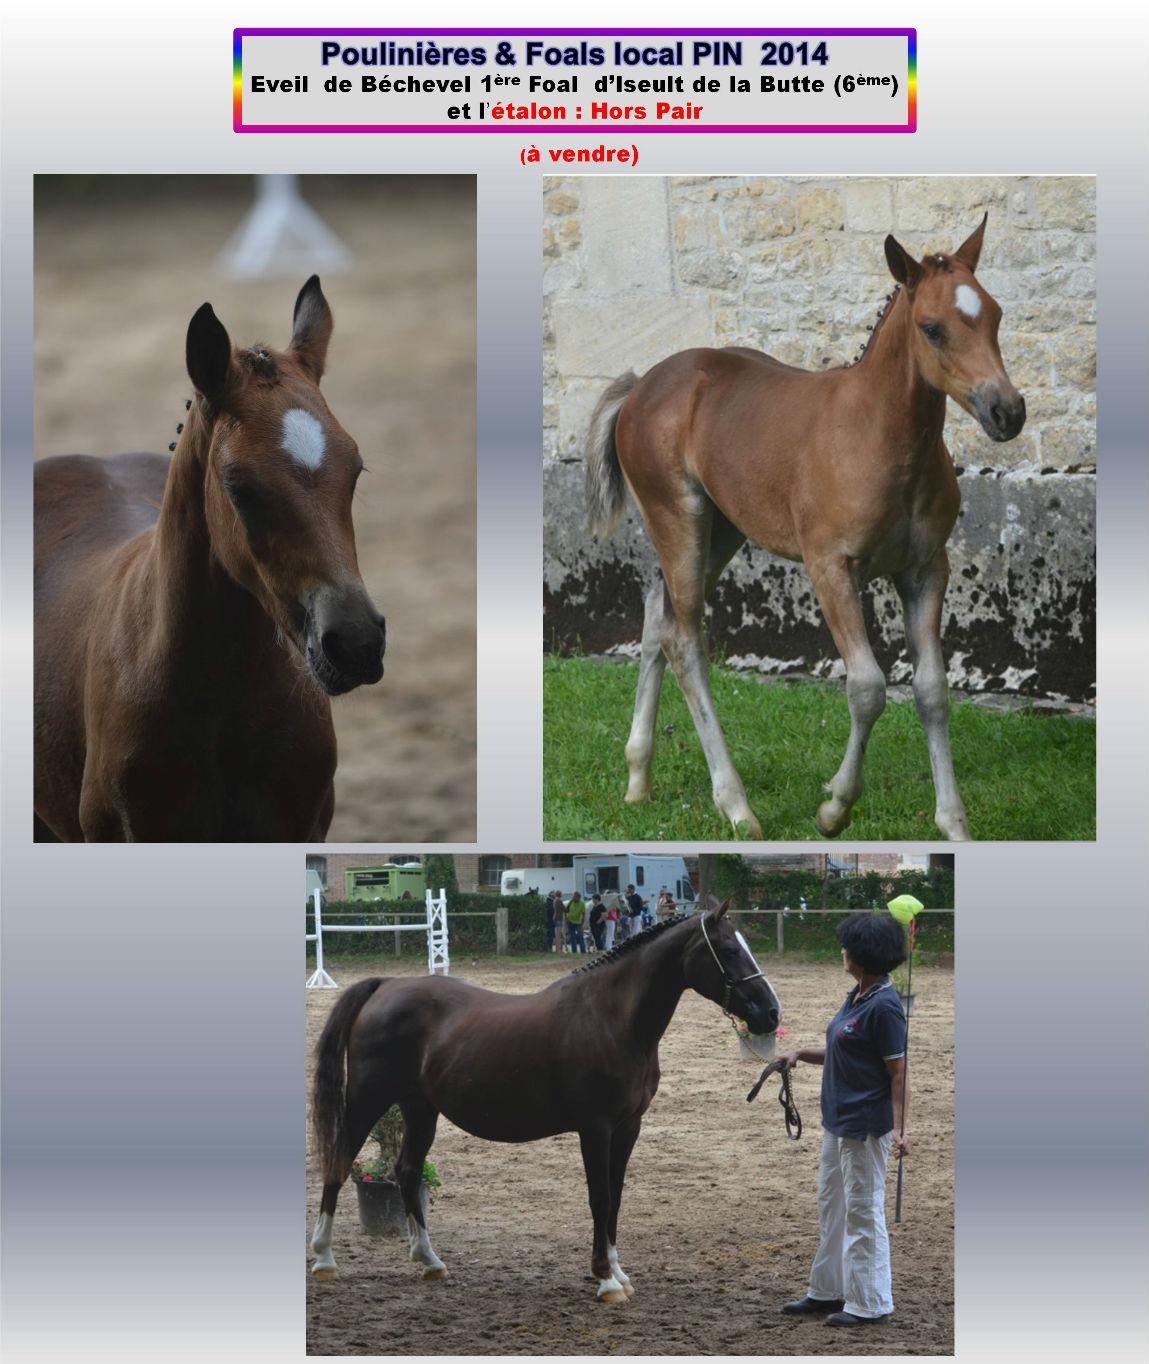 Iseult de la Butte concours 2014 avec Eveil de Bechevel 1er foal 2014 au local Le Pin